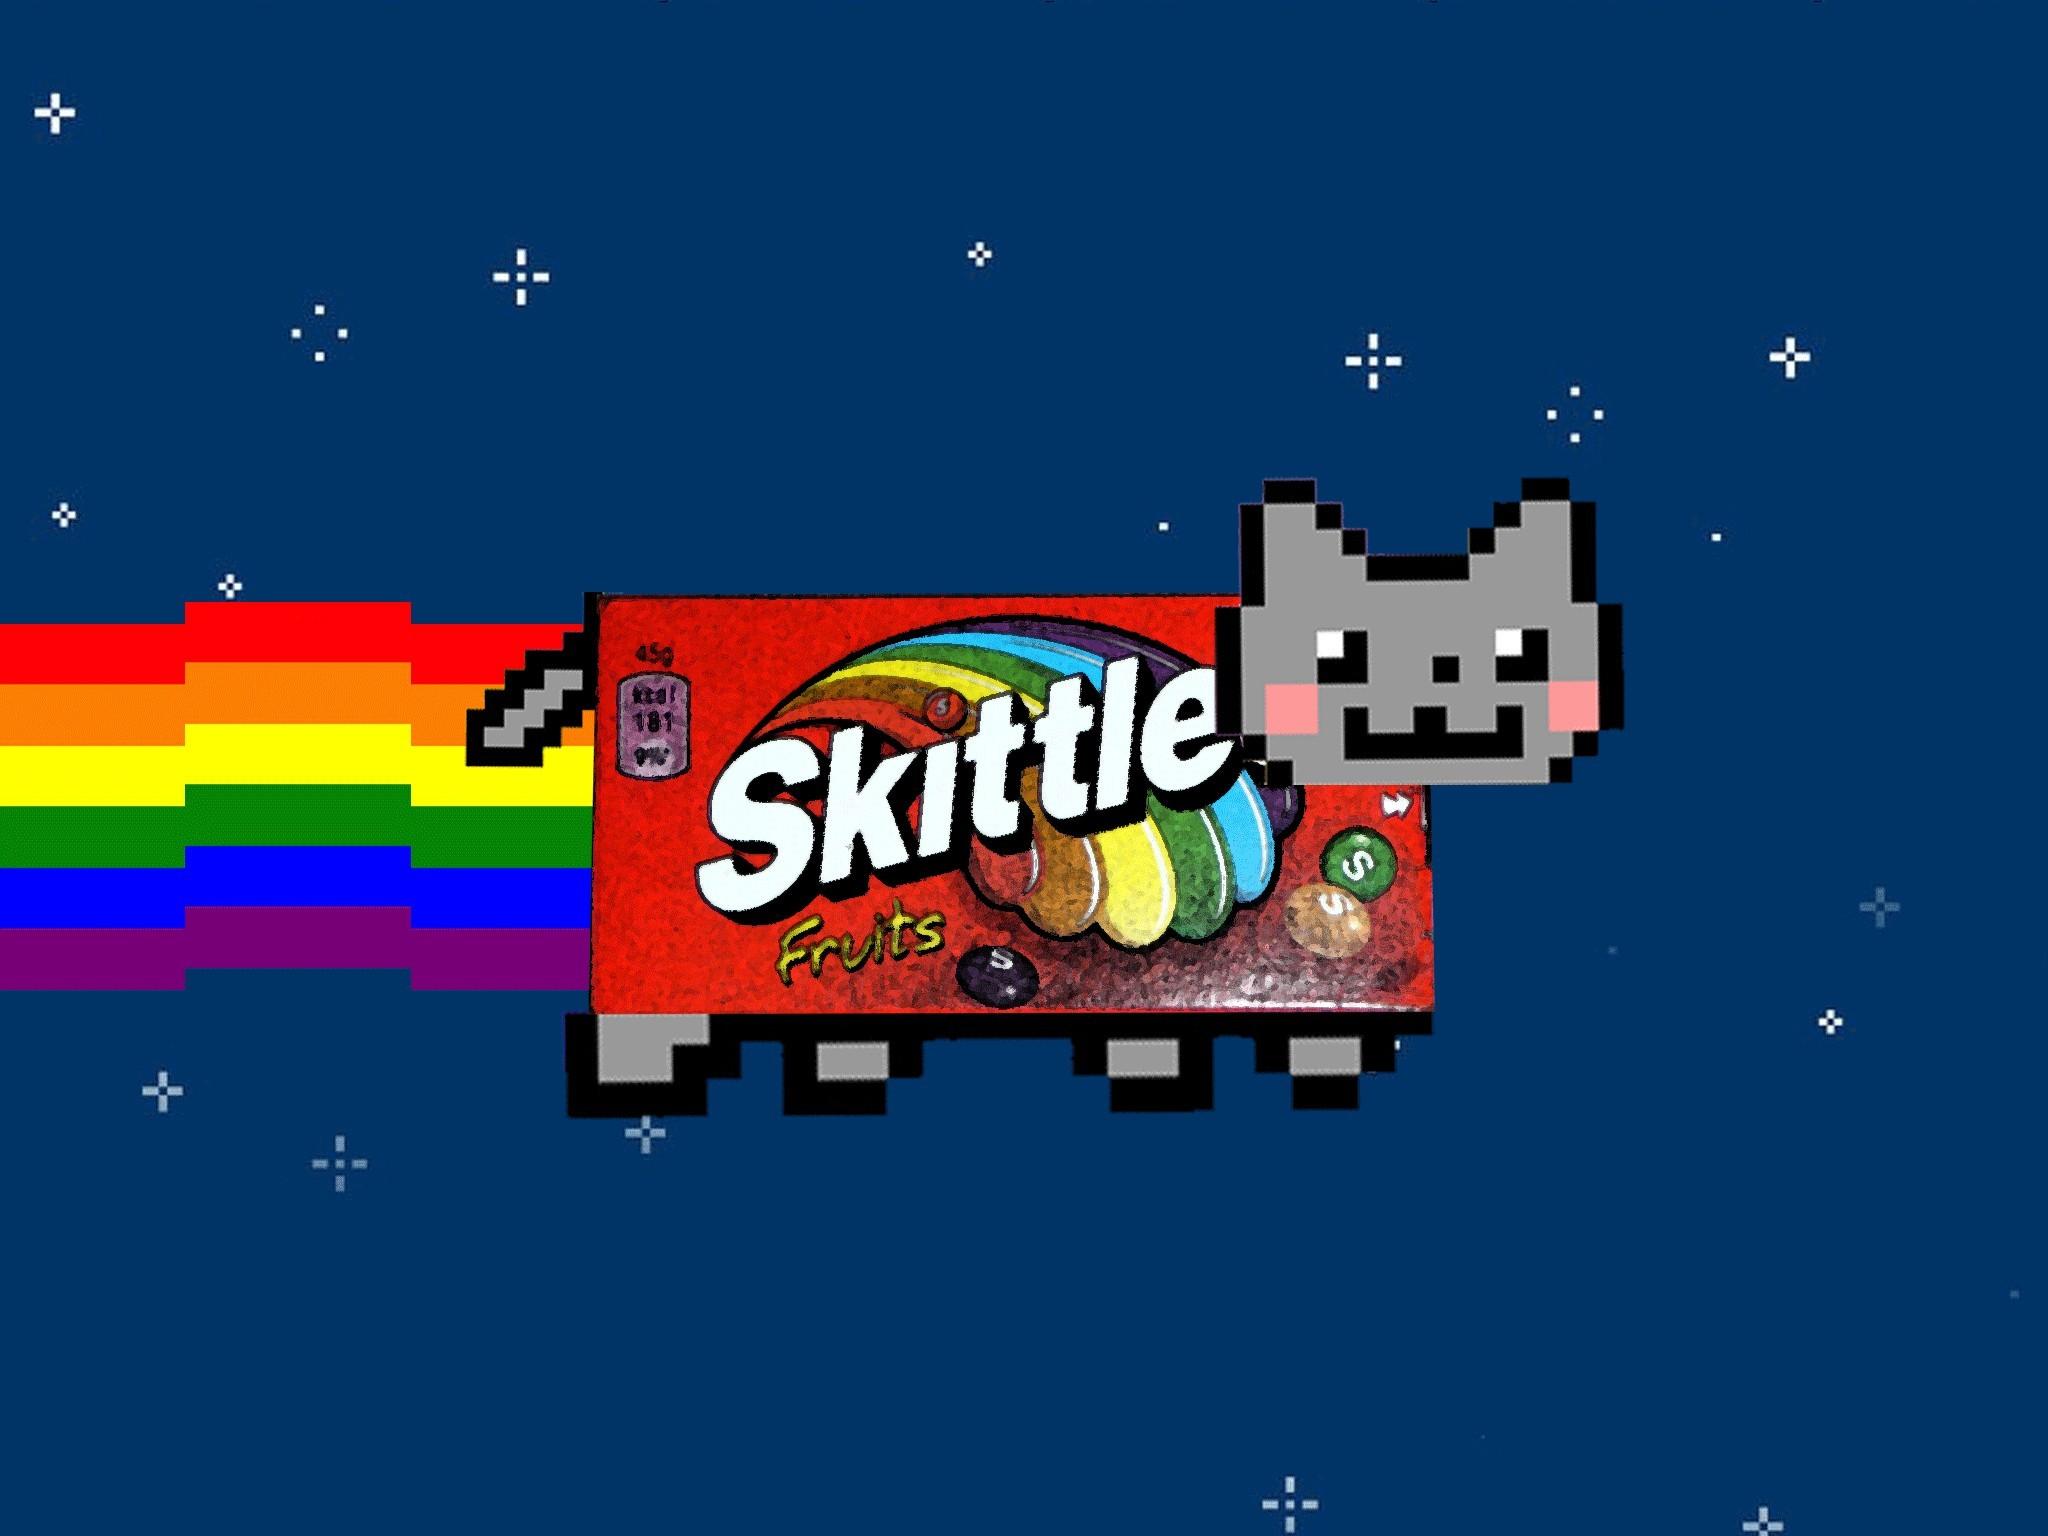 Res: 2048x1536, Skittles Wallpaper Lovely sour Skittles Wallpaper Ma Skittles Wallpaper  Lovely Skittles Cat by Engineerjr On Deviantart